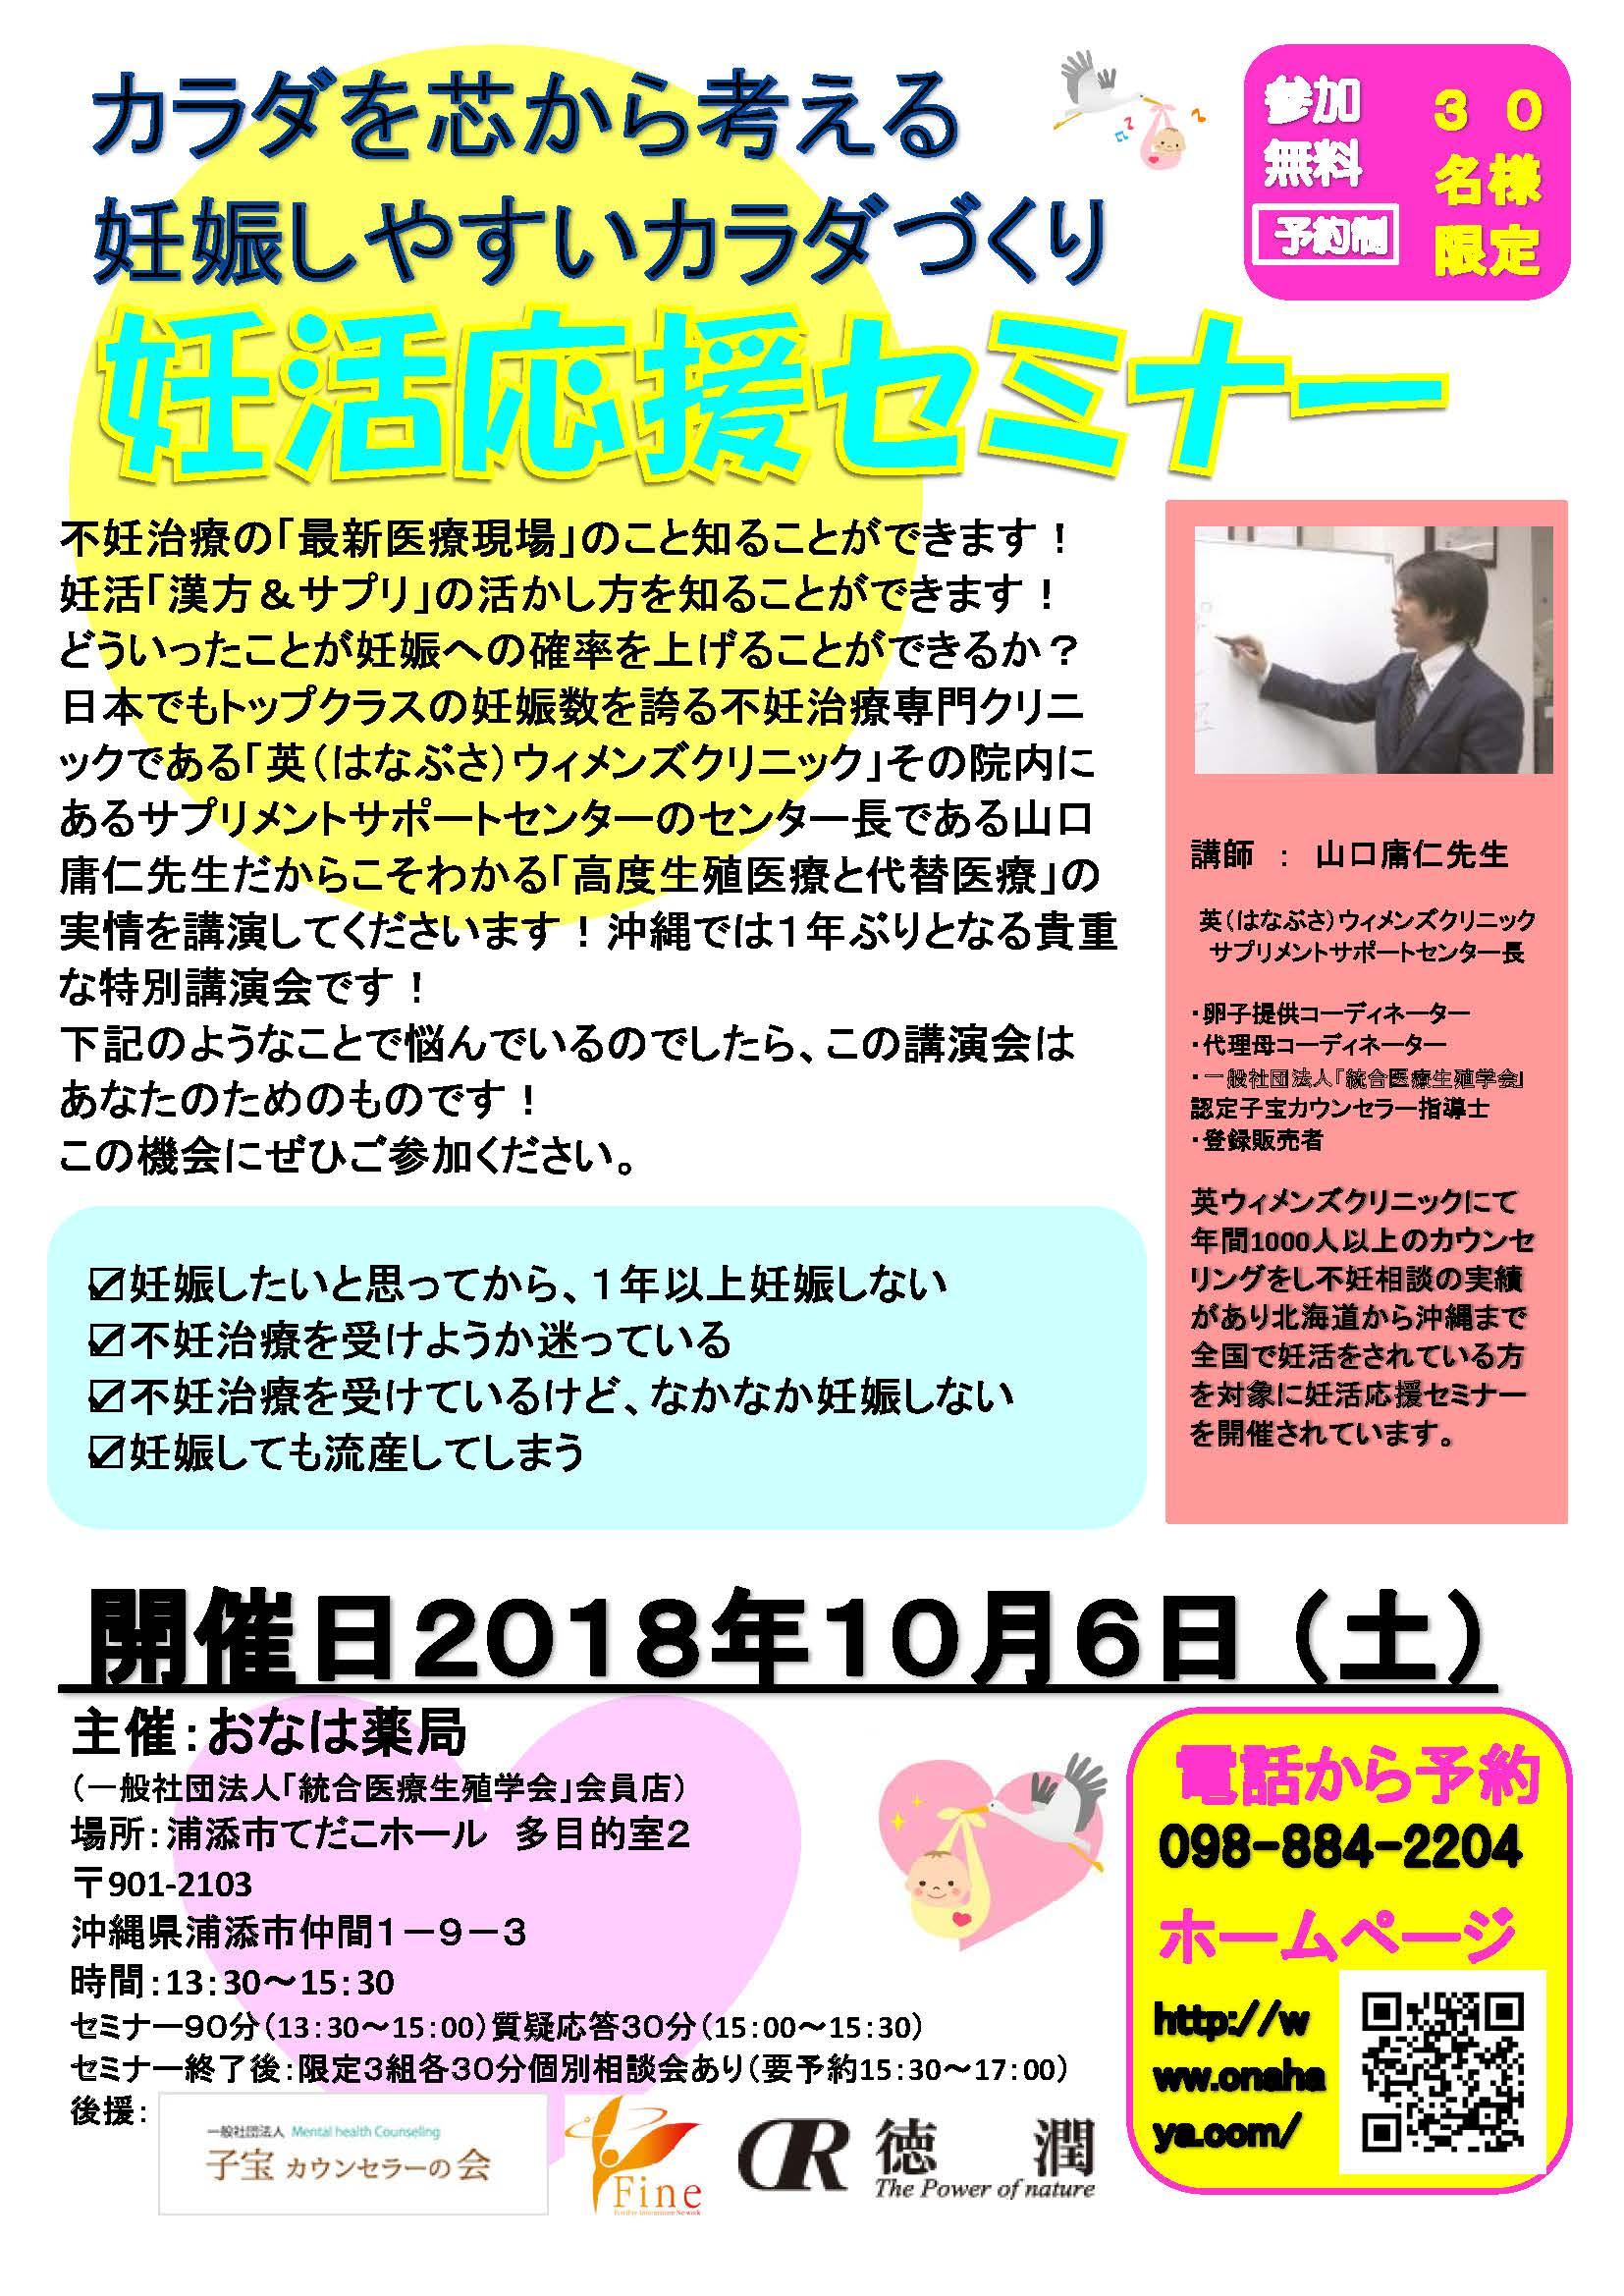 妊活応援セミナー 10月6日(土)イメージ